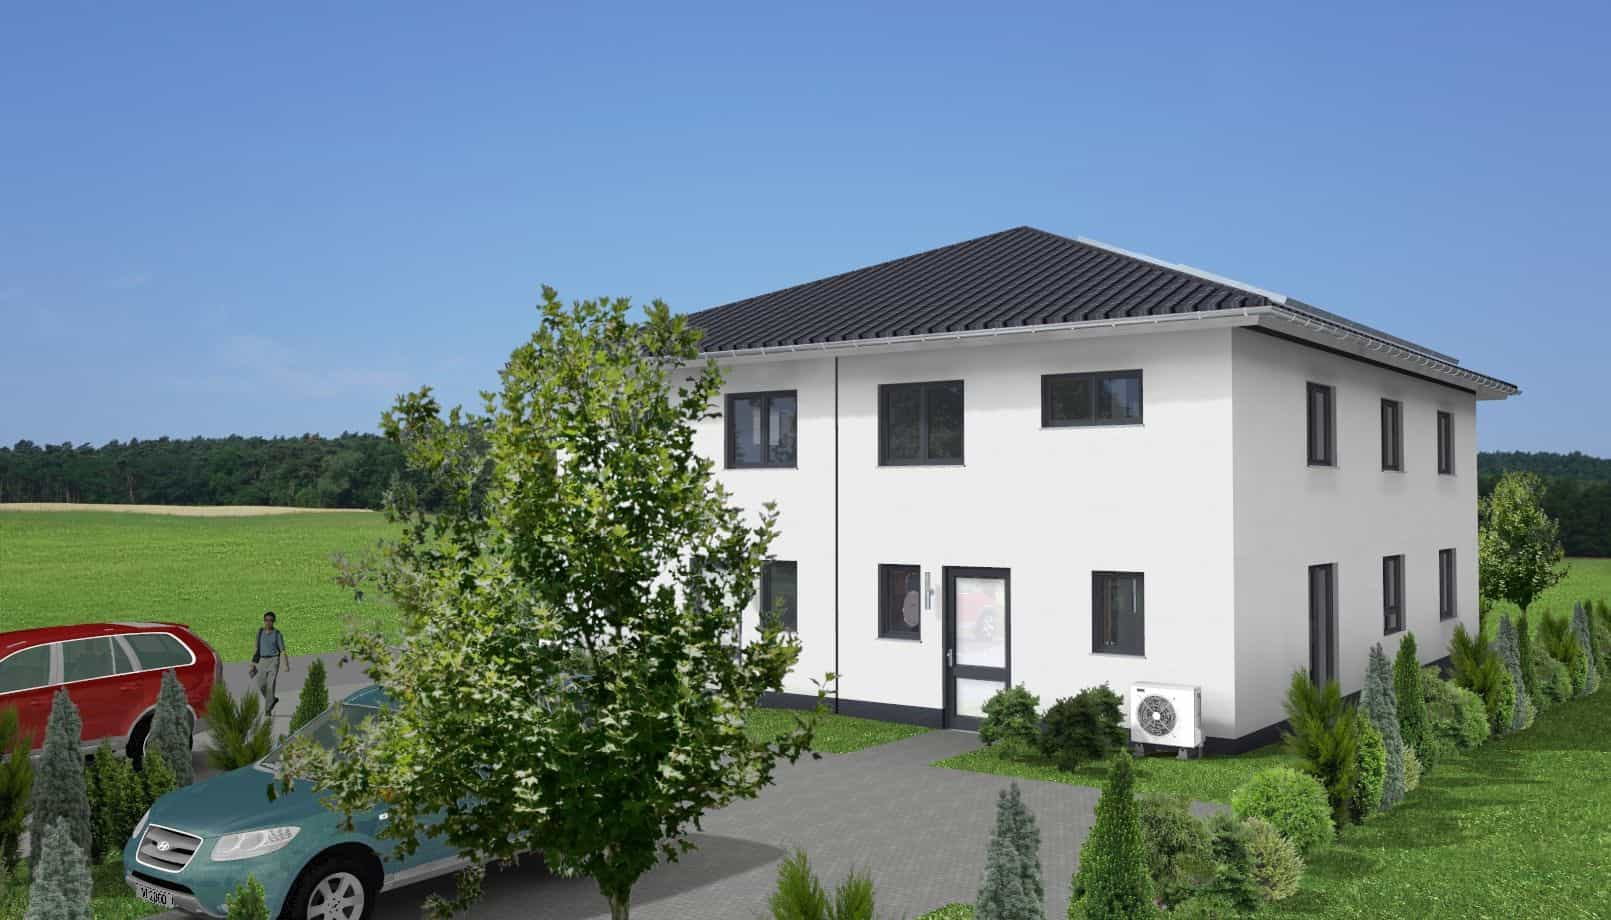 Doppelhaus-Stadtvilla in 36043 Fulda